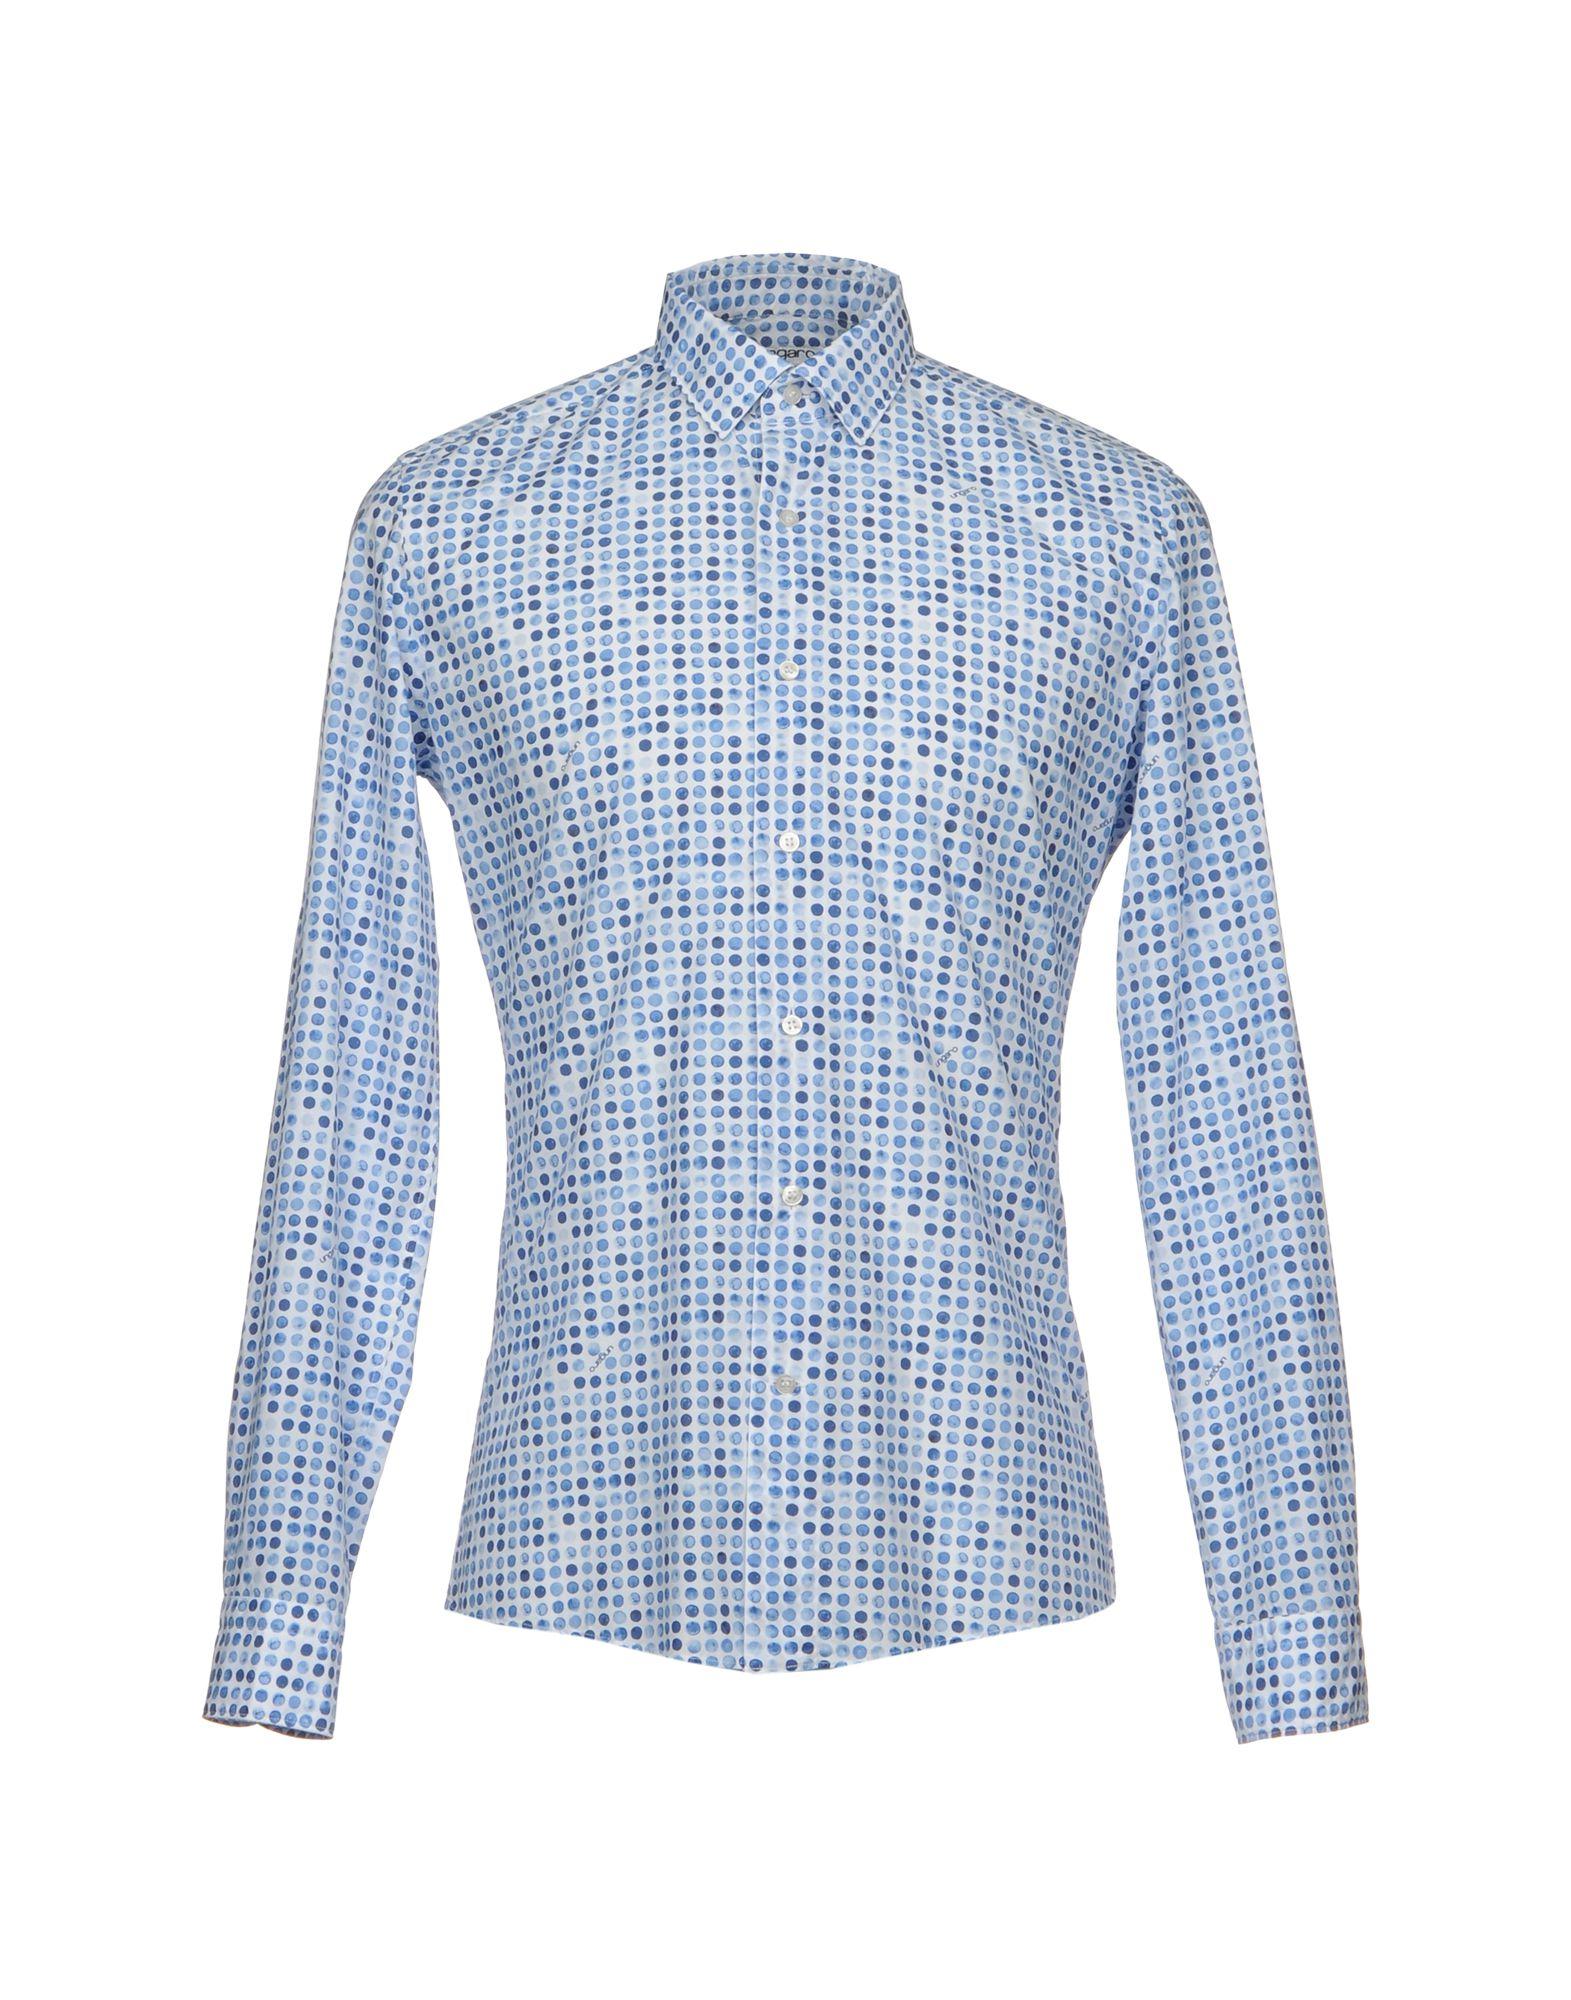 UNGARO Herren Hemd Farbe Blau Größe 4 - broschei